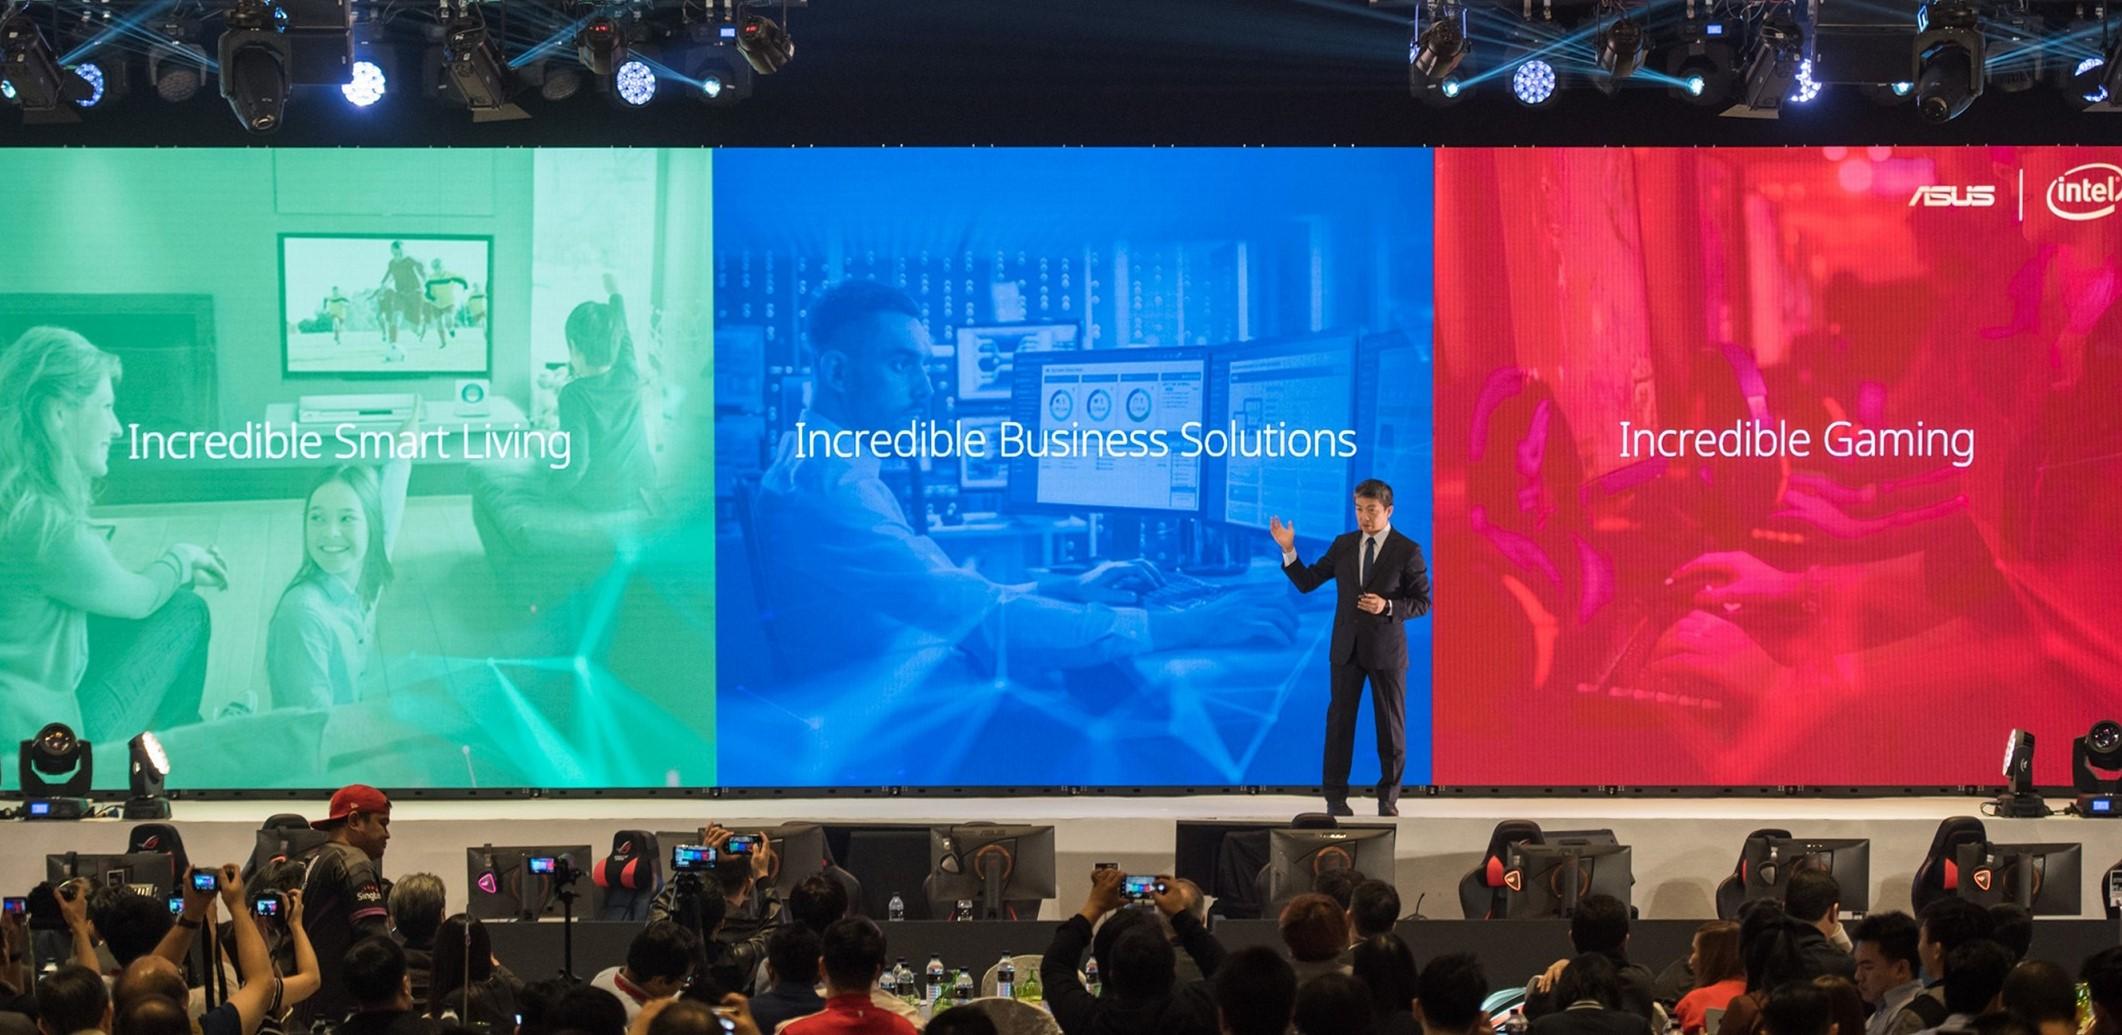 asus corporate vice president jackie hsu kicks off incredible intelligence 2018 press event in malaysia ASUS โชว์นวัตกรรมสินค้าสำหรับการใช้งานในองค์กรธุรกิจ บ้านและการเล่นเกม ที่งาน Incredible Intelligence 2018 ประเทศมาเลเซีย